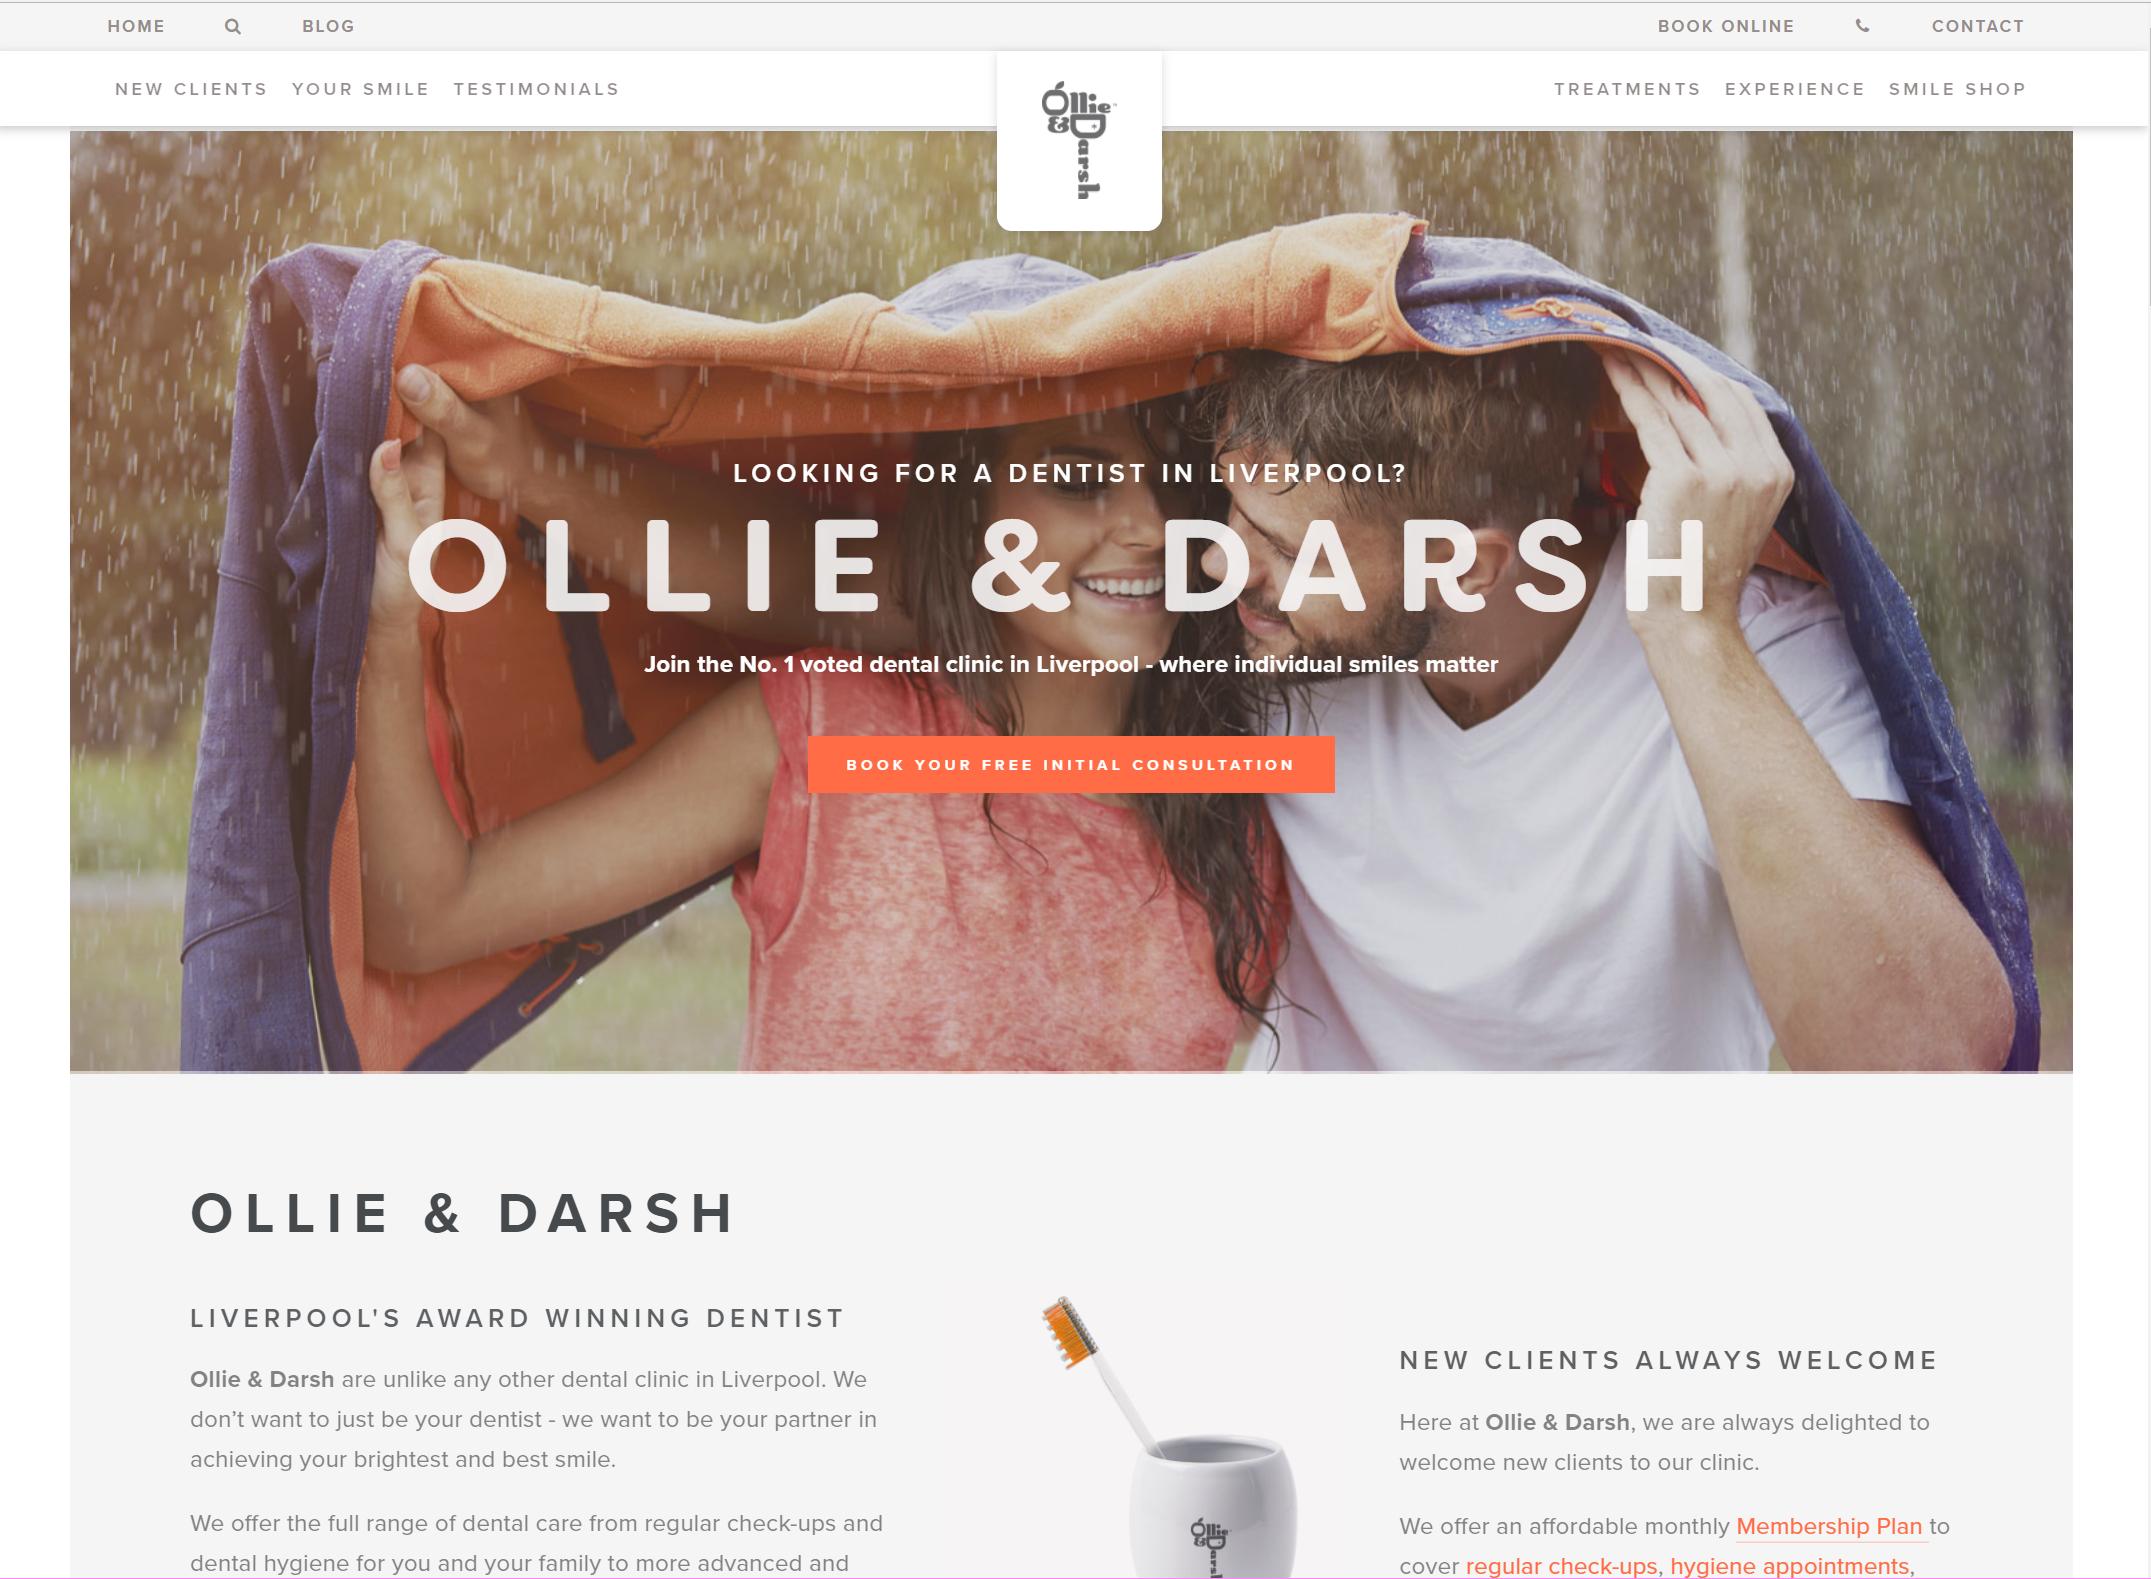 Ollie & Darsh